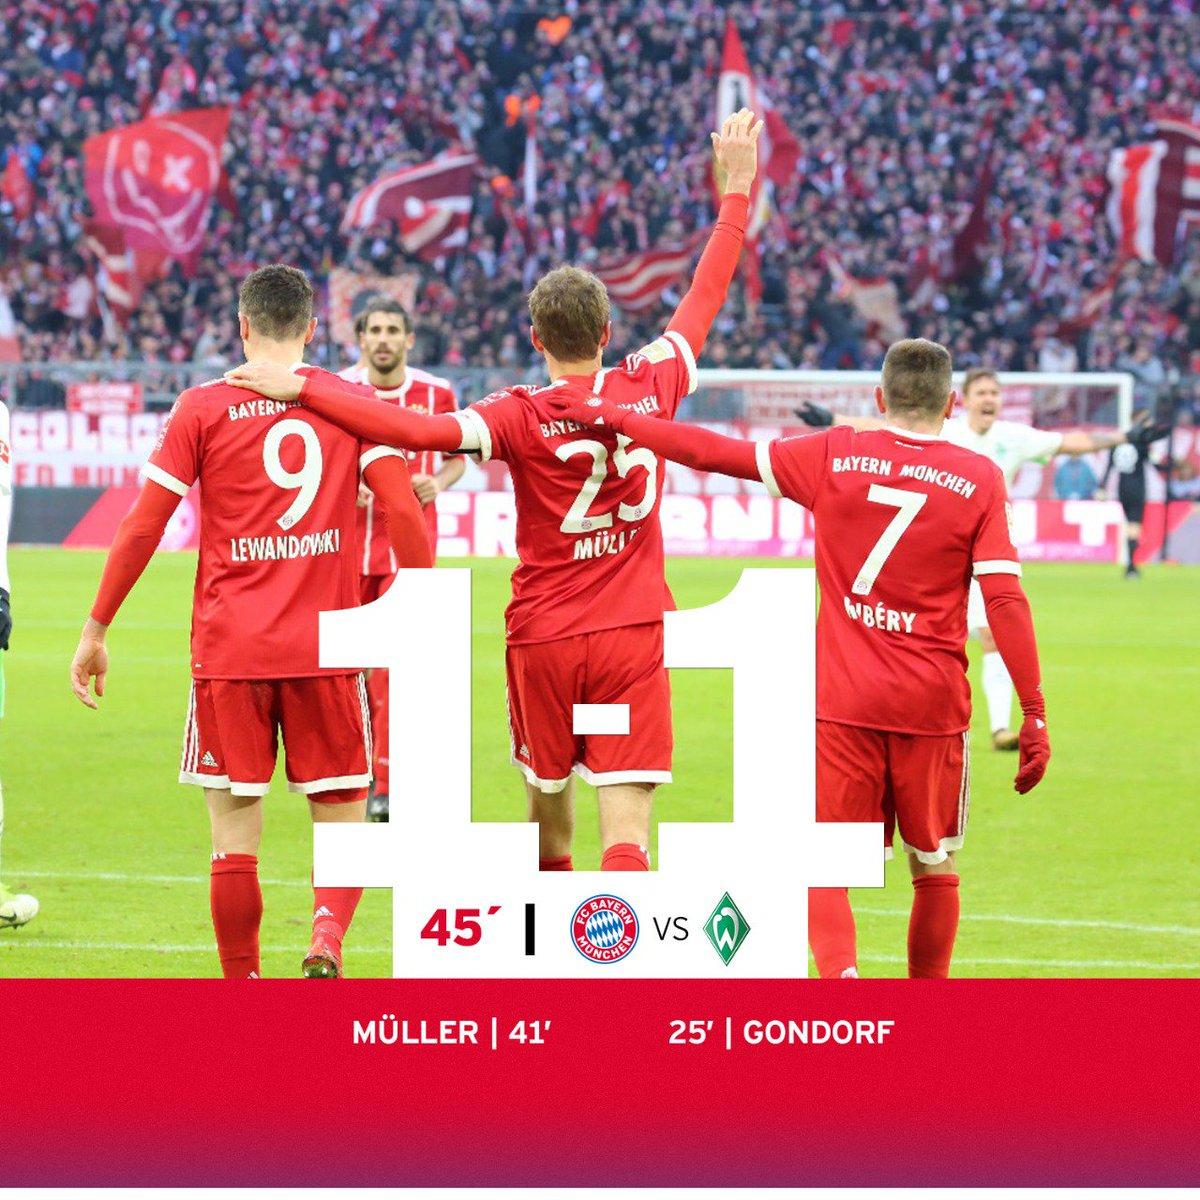 ¡DESCANSO! El gol de @esmuellert_ nos mete de nuevo en el partido. ¡A por la remontada! #FCBSVW https://t.co/Io9wGAza5a